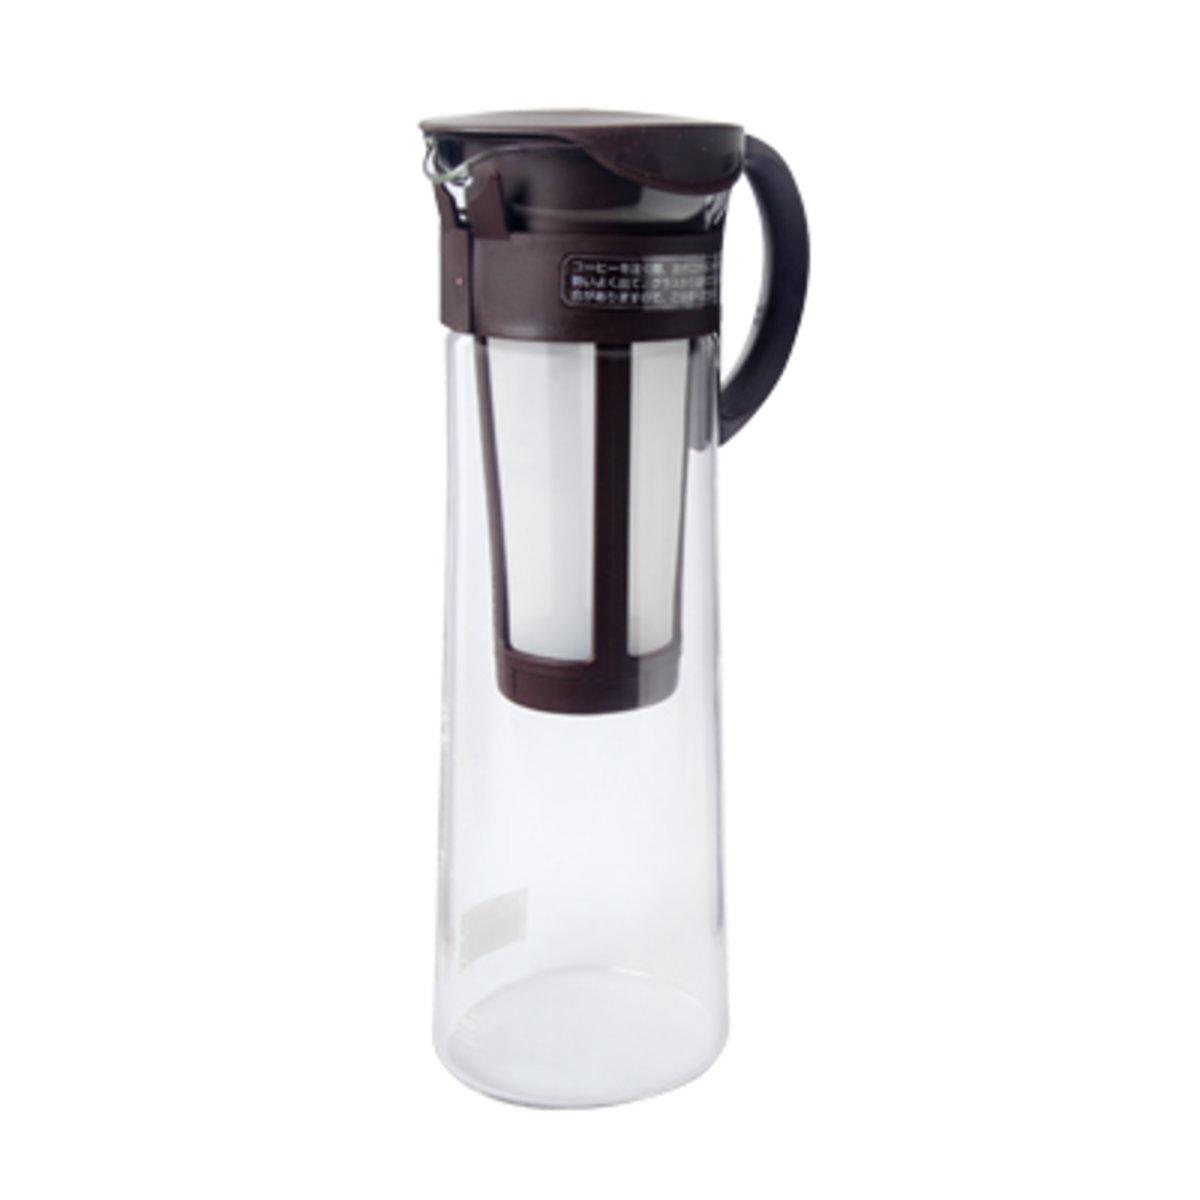 1L MIZUDASHI COLD BREW COFFEE POT-CBR